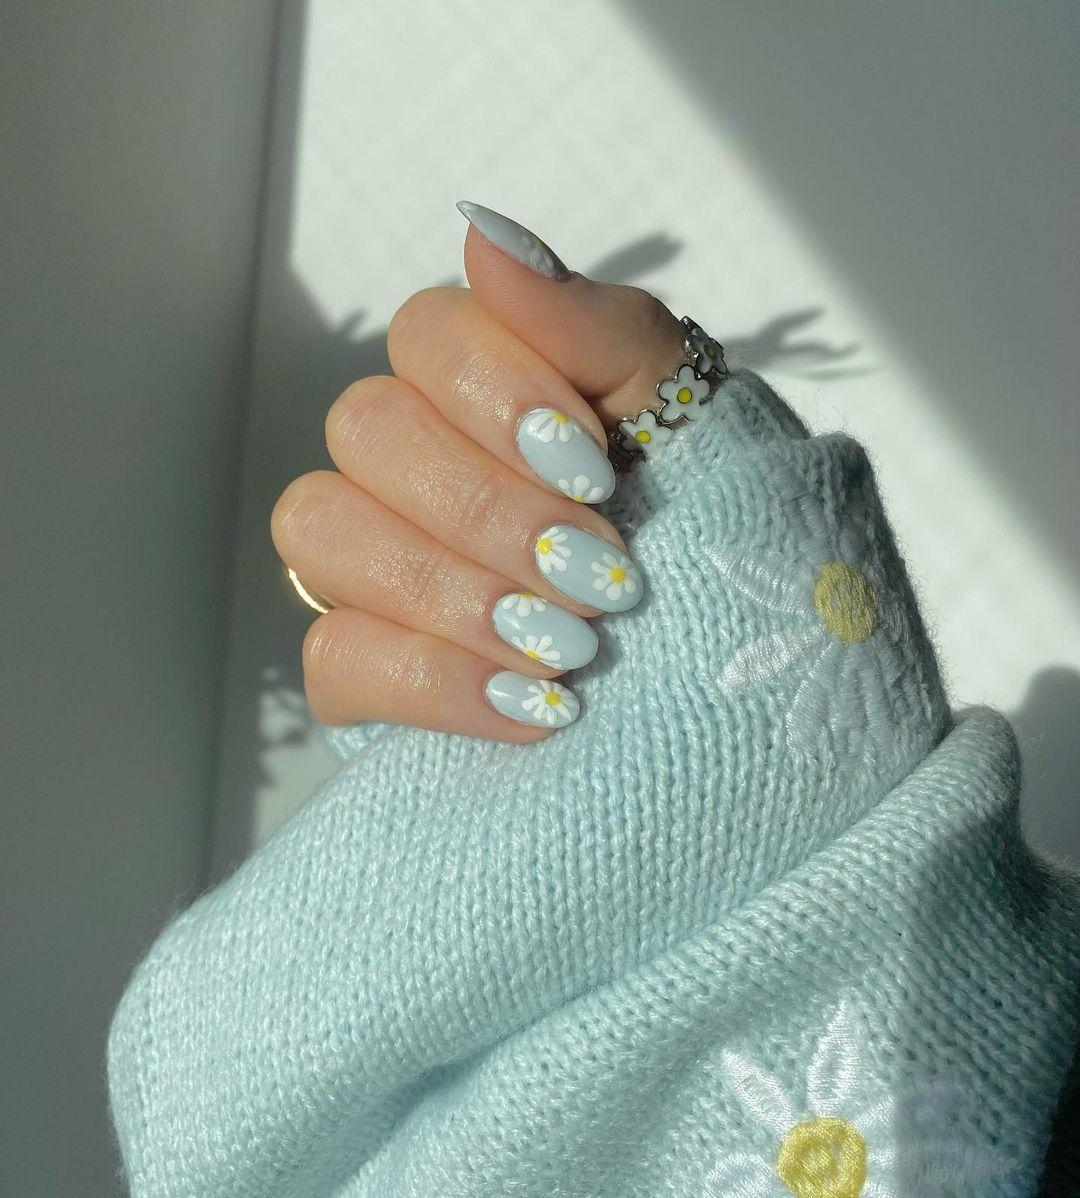 Baby blue daisy nails